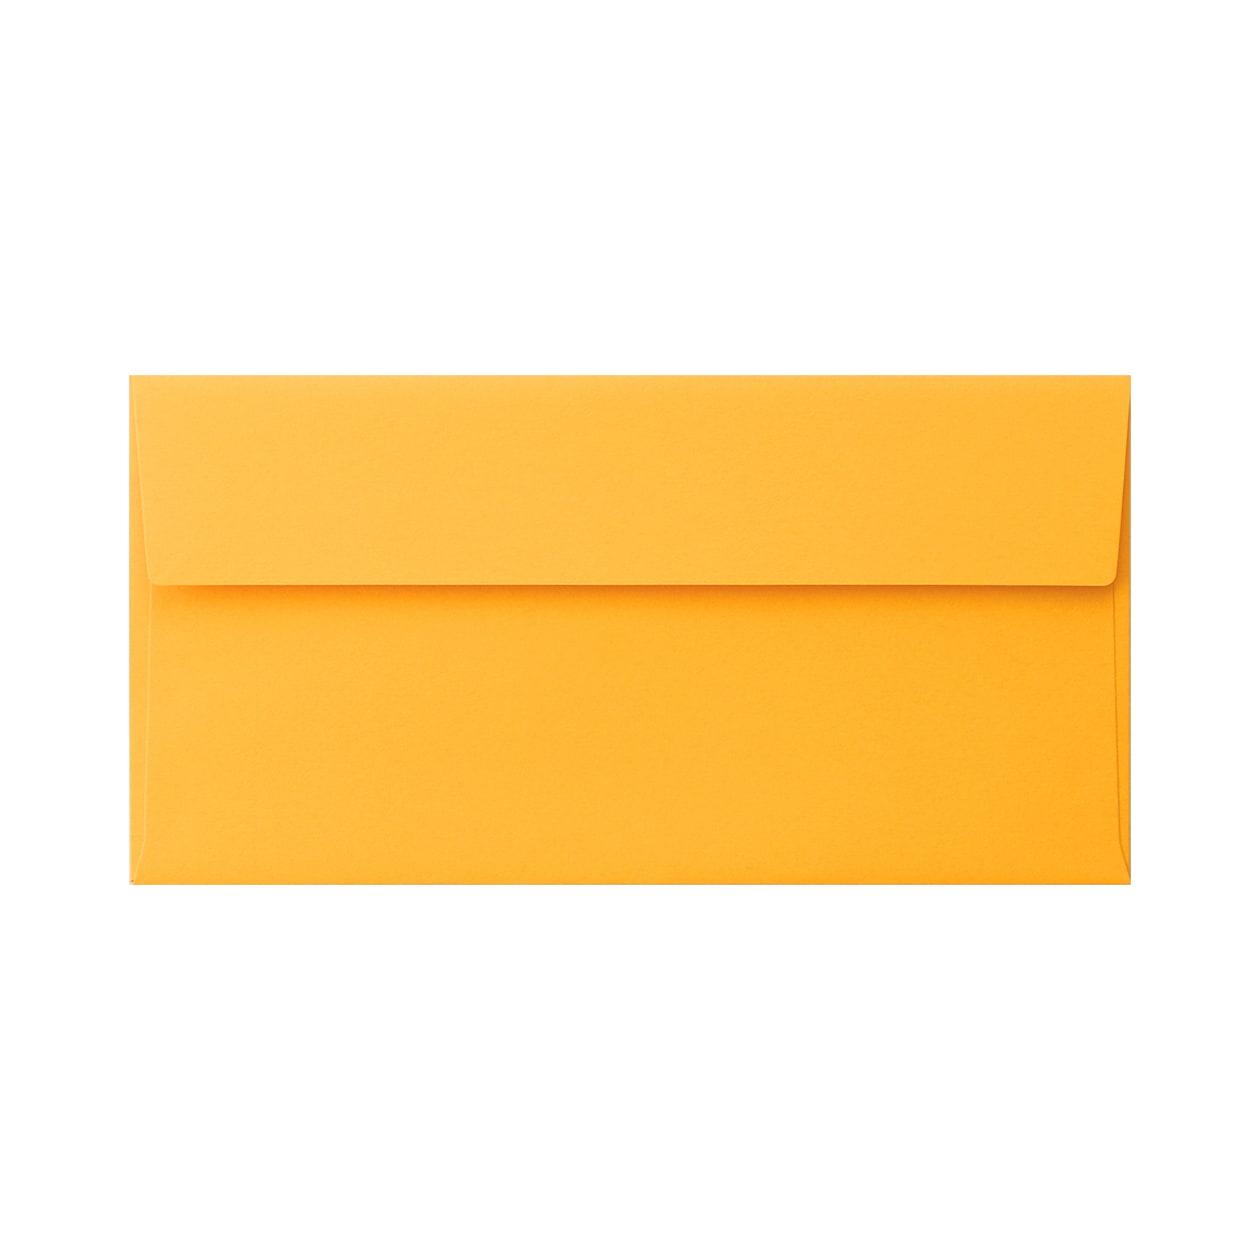 長3カマス封筒 コットン(NTラシャ) 山吹 116.3g